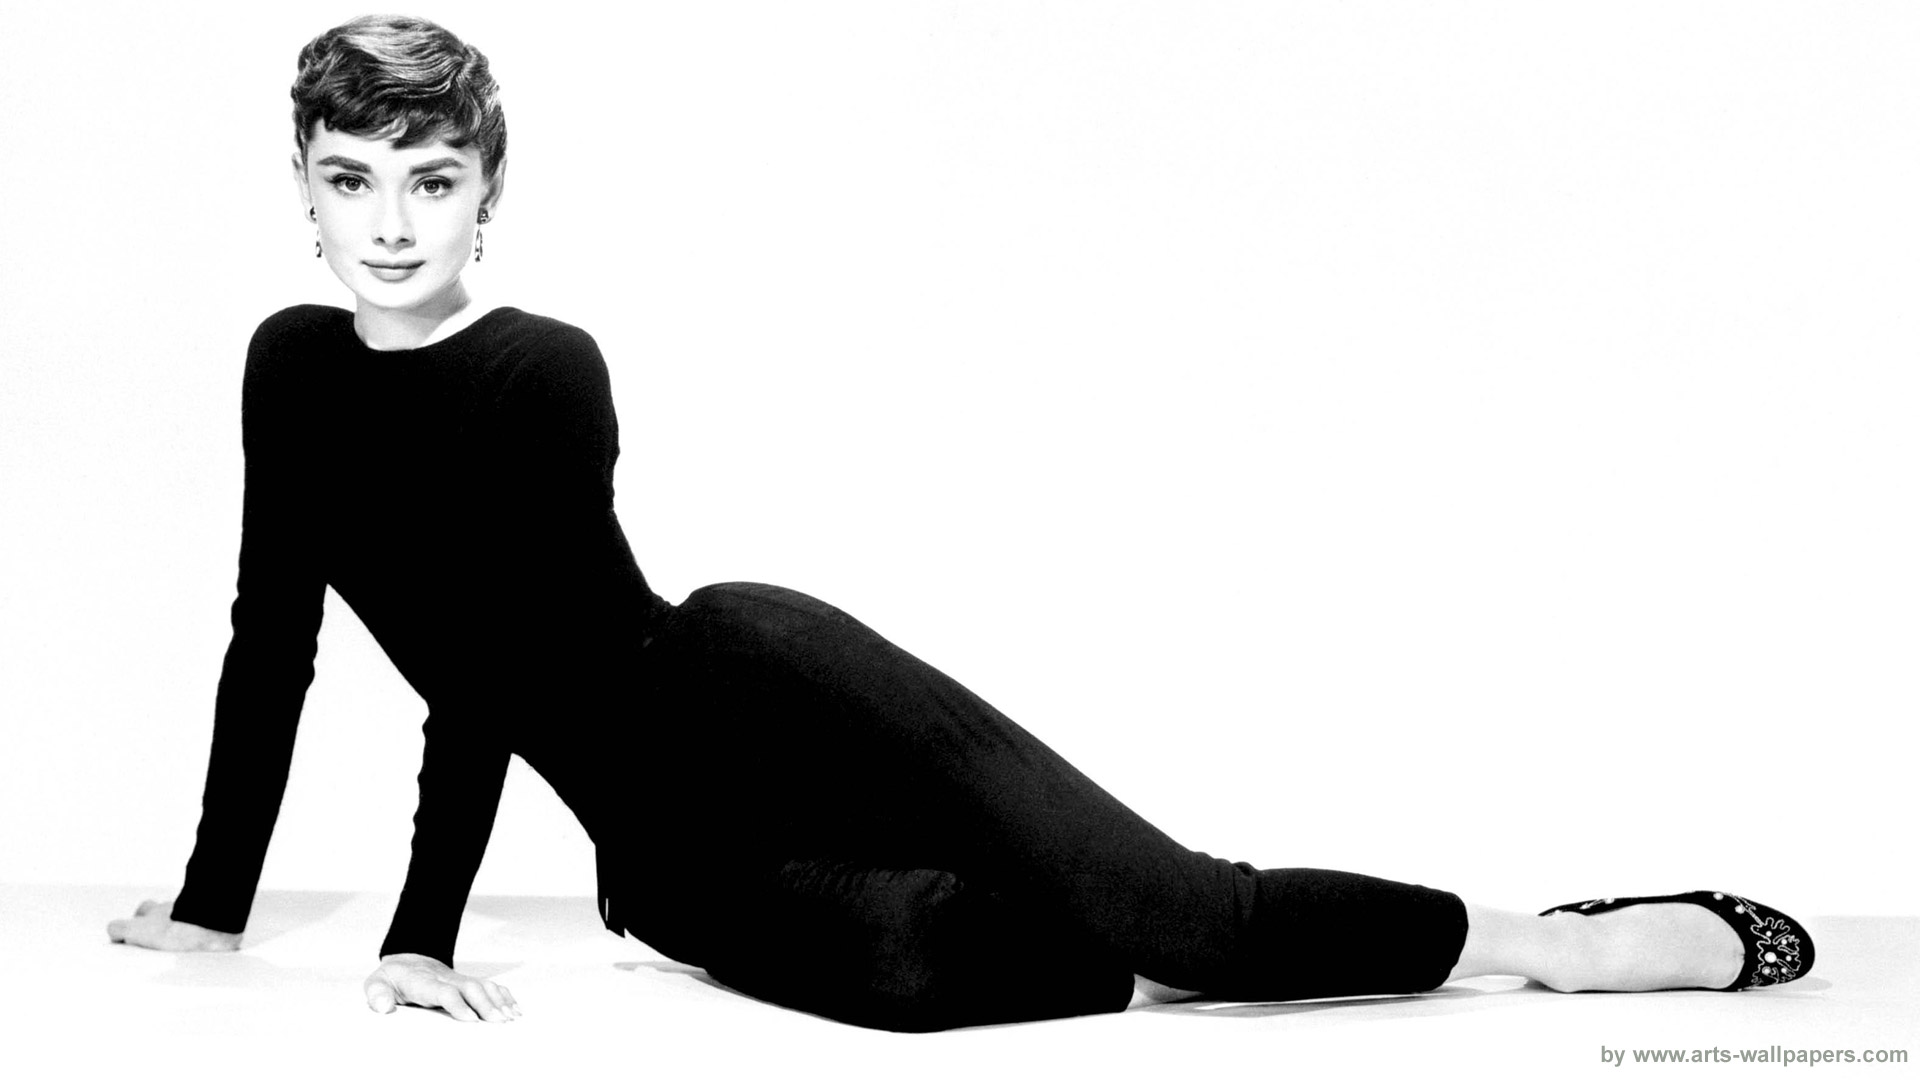 Audrey Hepburn Wallpapers HD 1920 x 1080 1920x1080